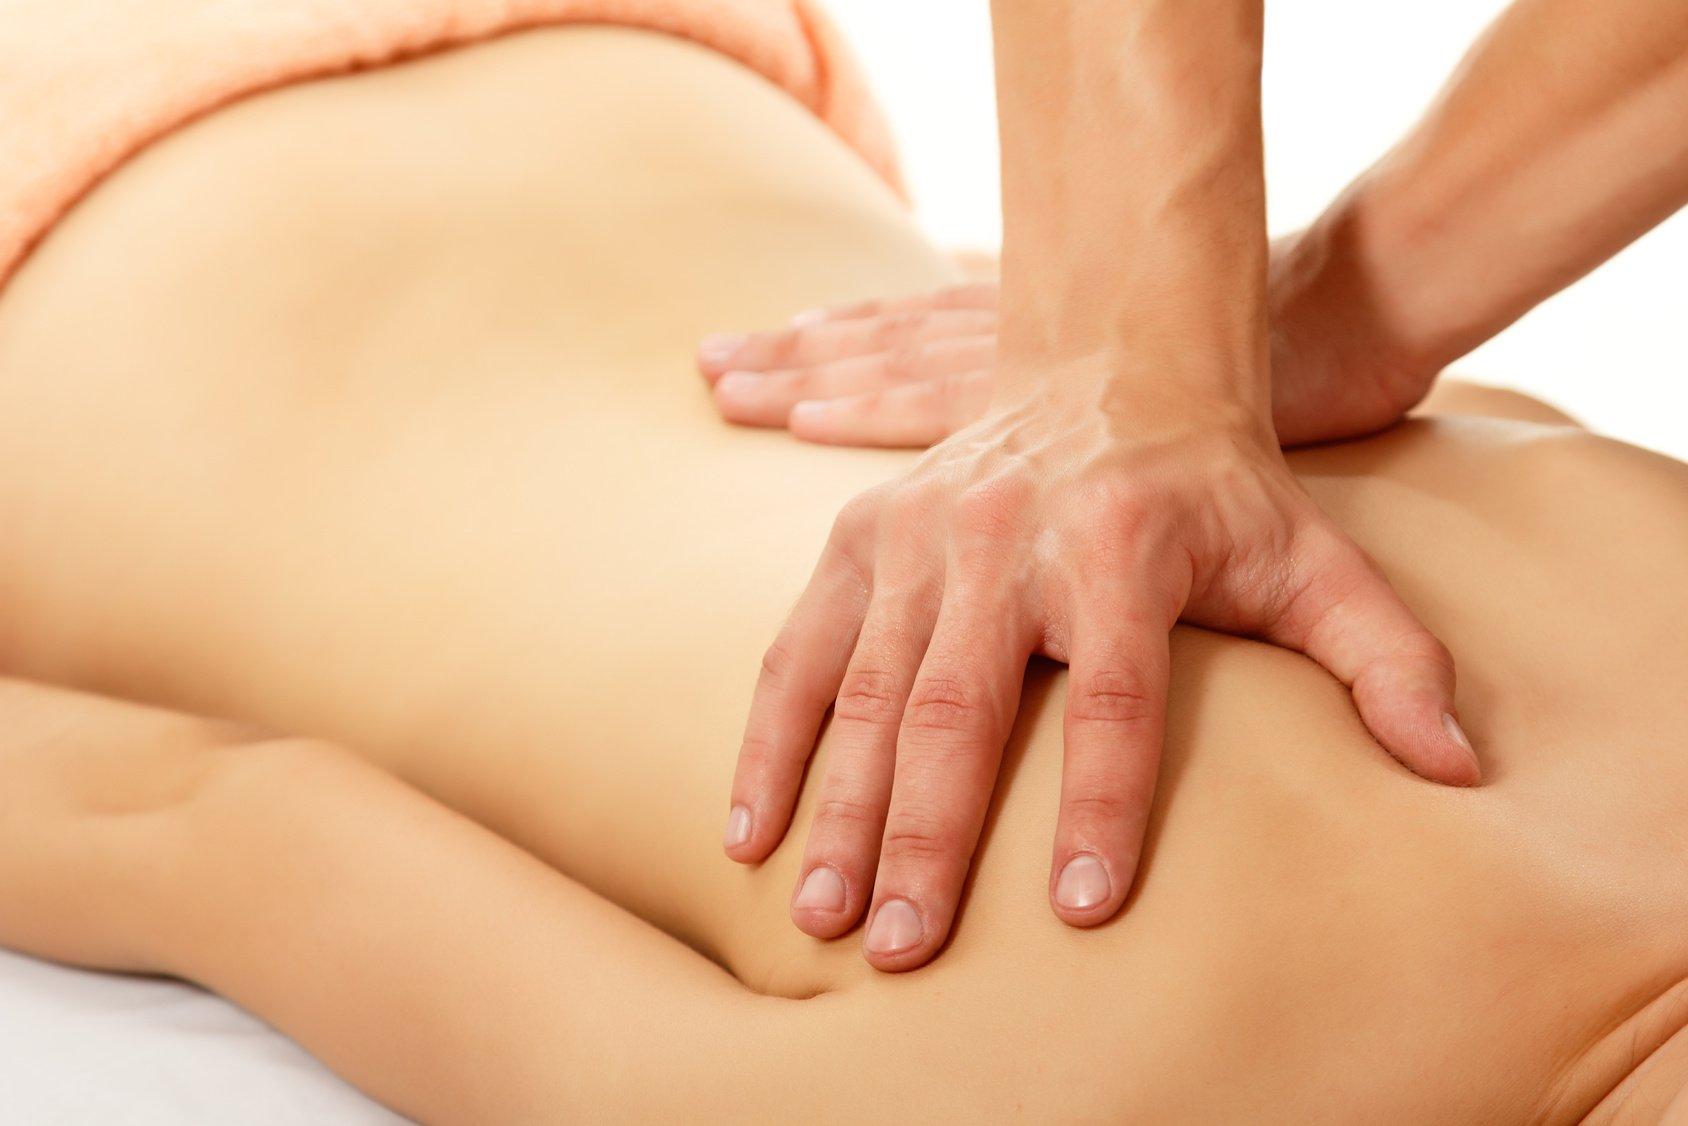 Masažo poveikis kūno būsenai su hipotomija